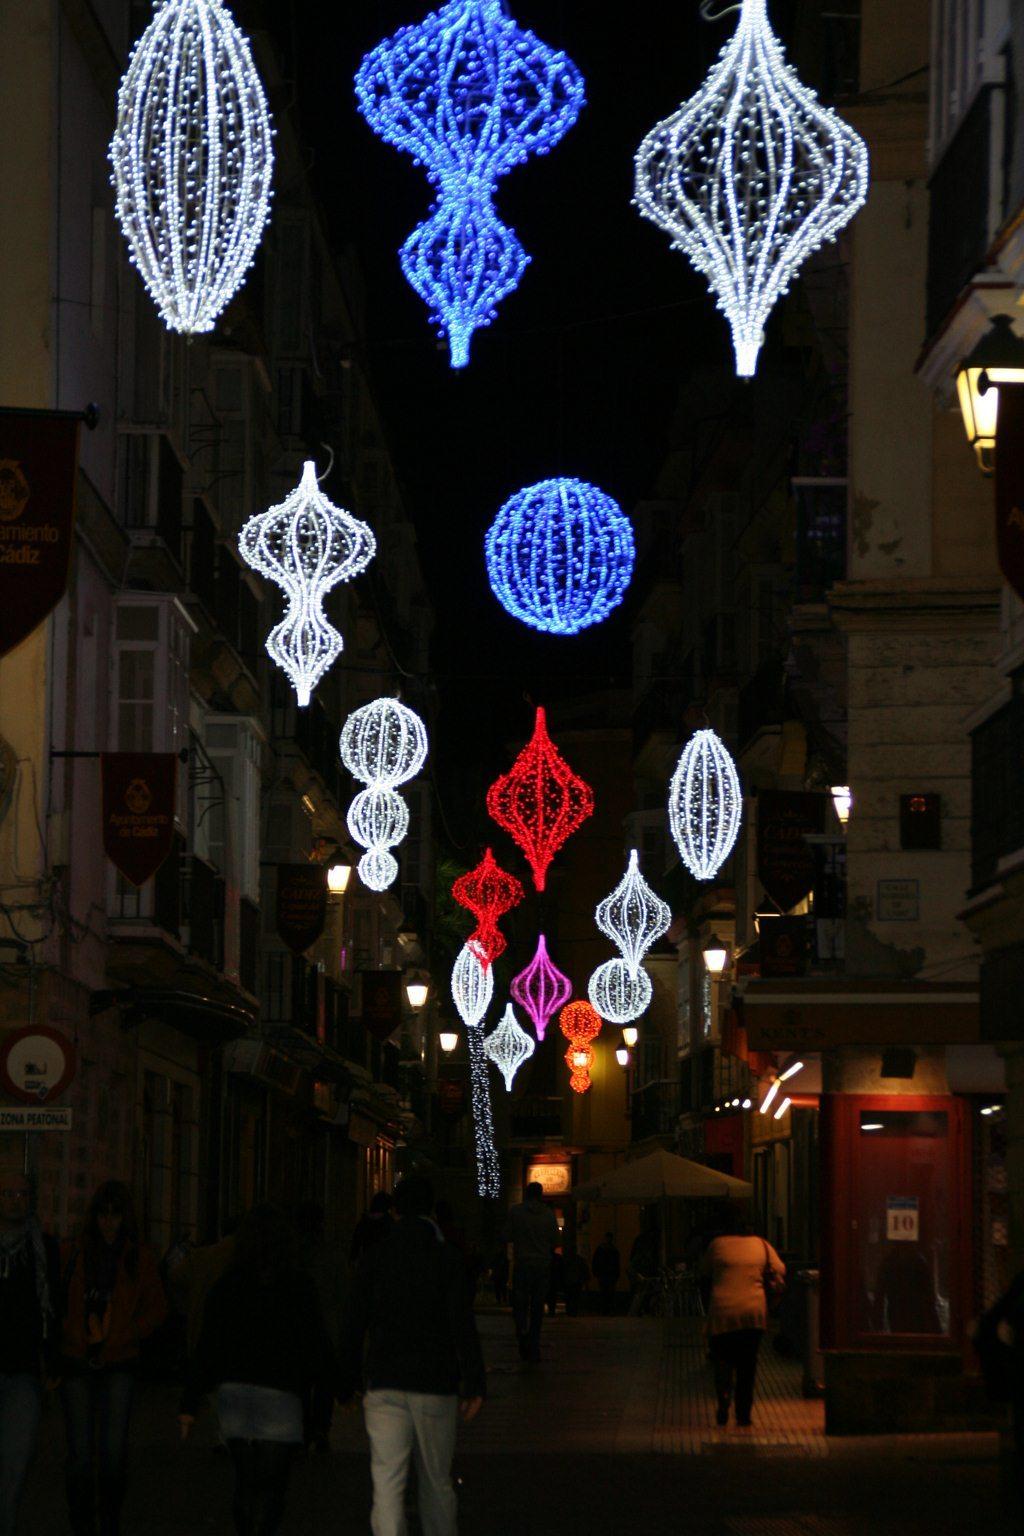 Iluminaci n para la navidad porgesa - Iluminacion de navidad ...